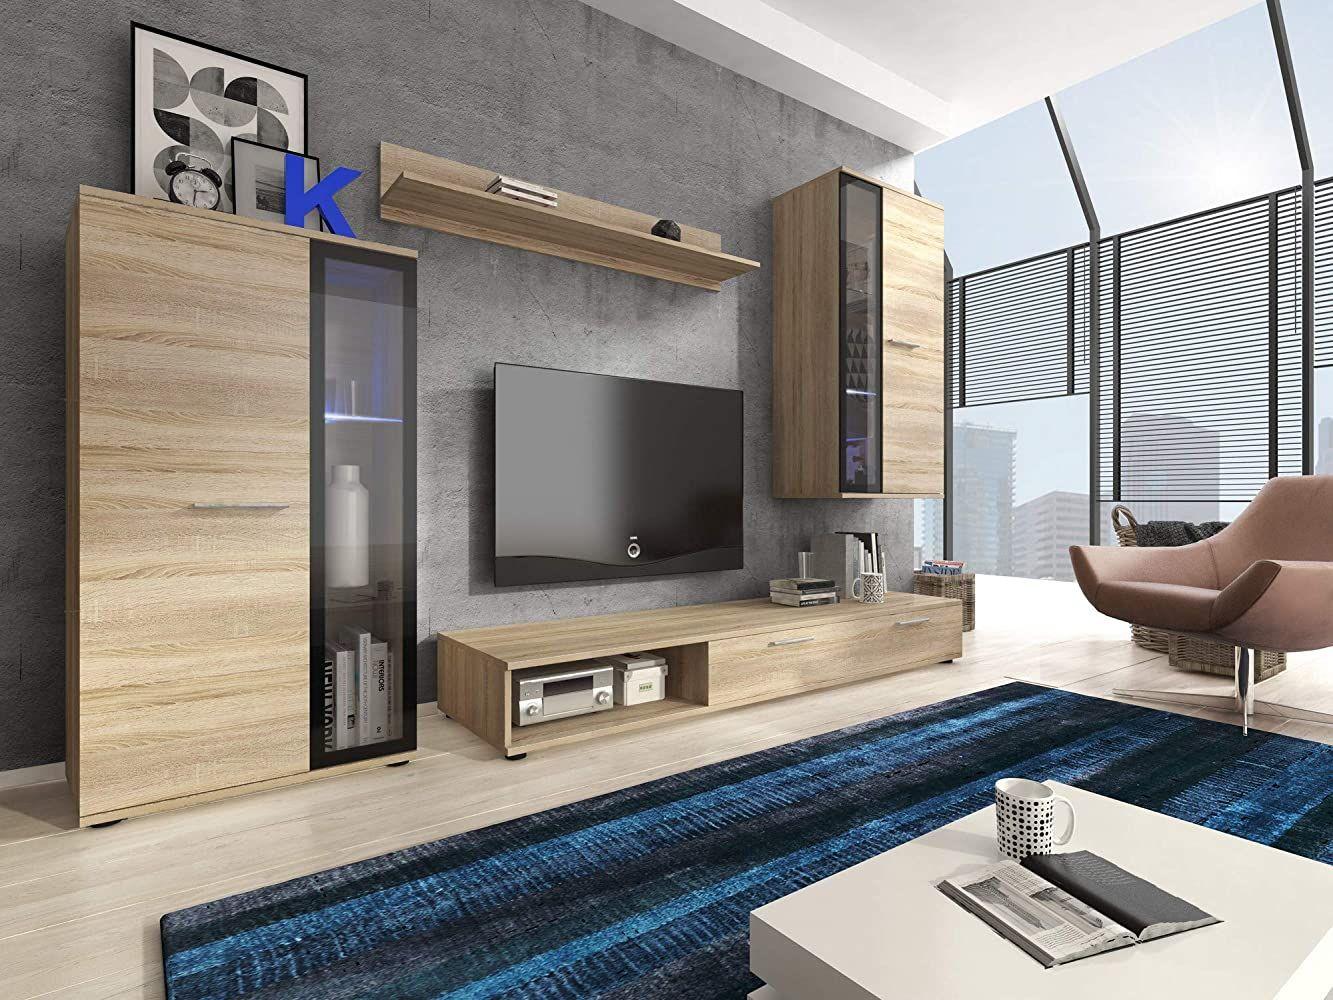 Furniture24 Eu Wohnwand Anbauwand Pino Sonoma Eiche Mit Led Beleuchtung Innenarchitektur Wohnzimmer Wohnen Wohnzimmerschranke